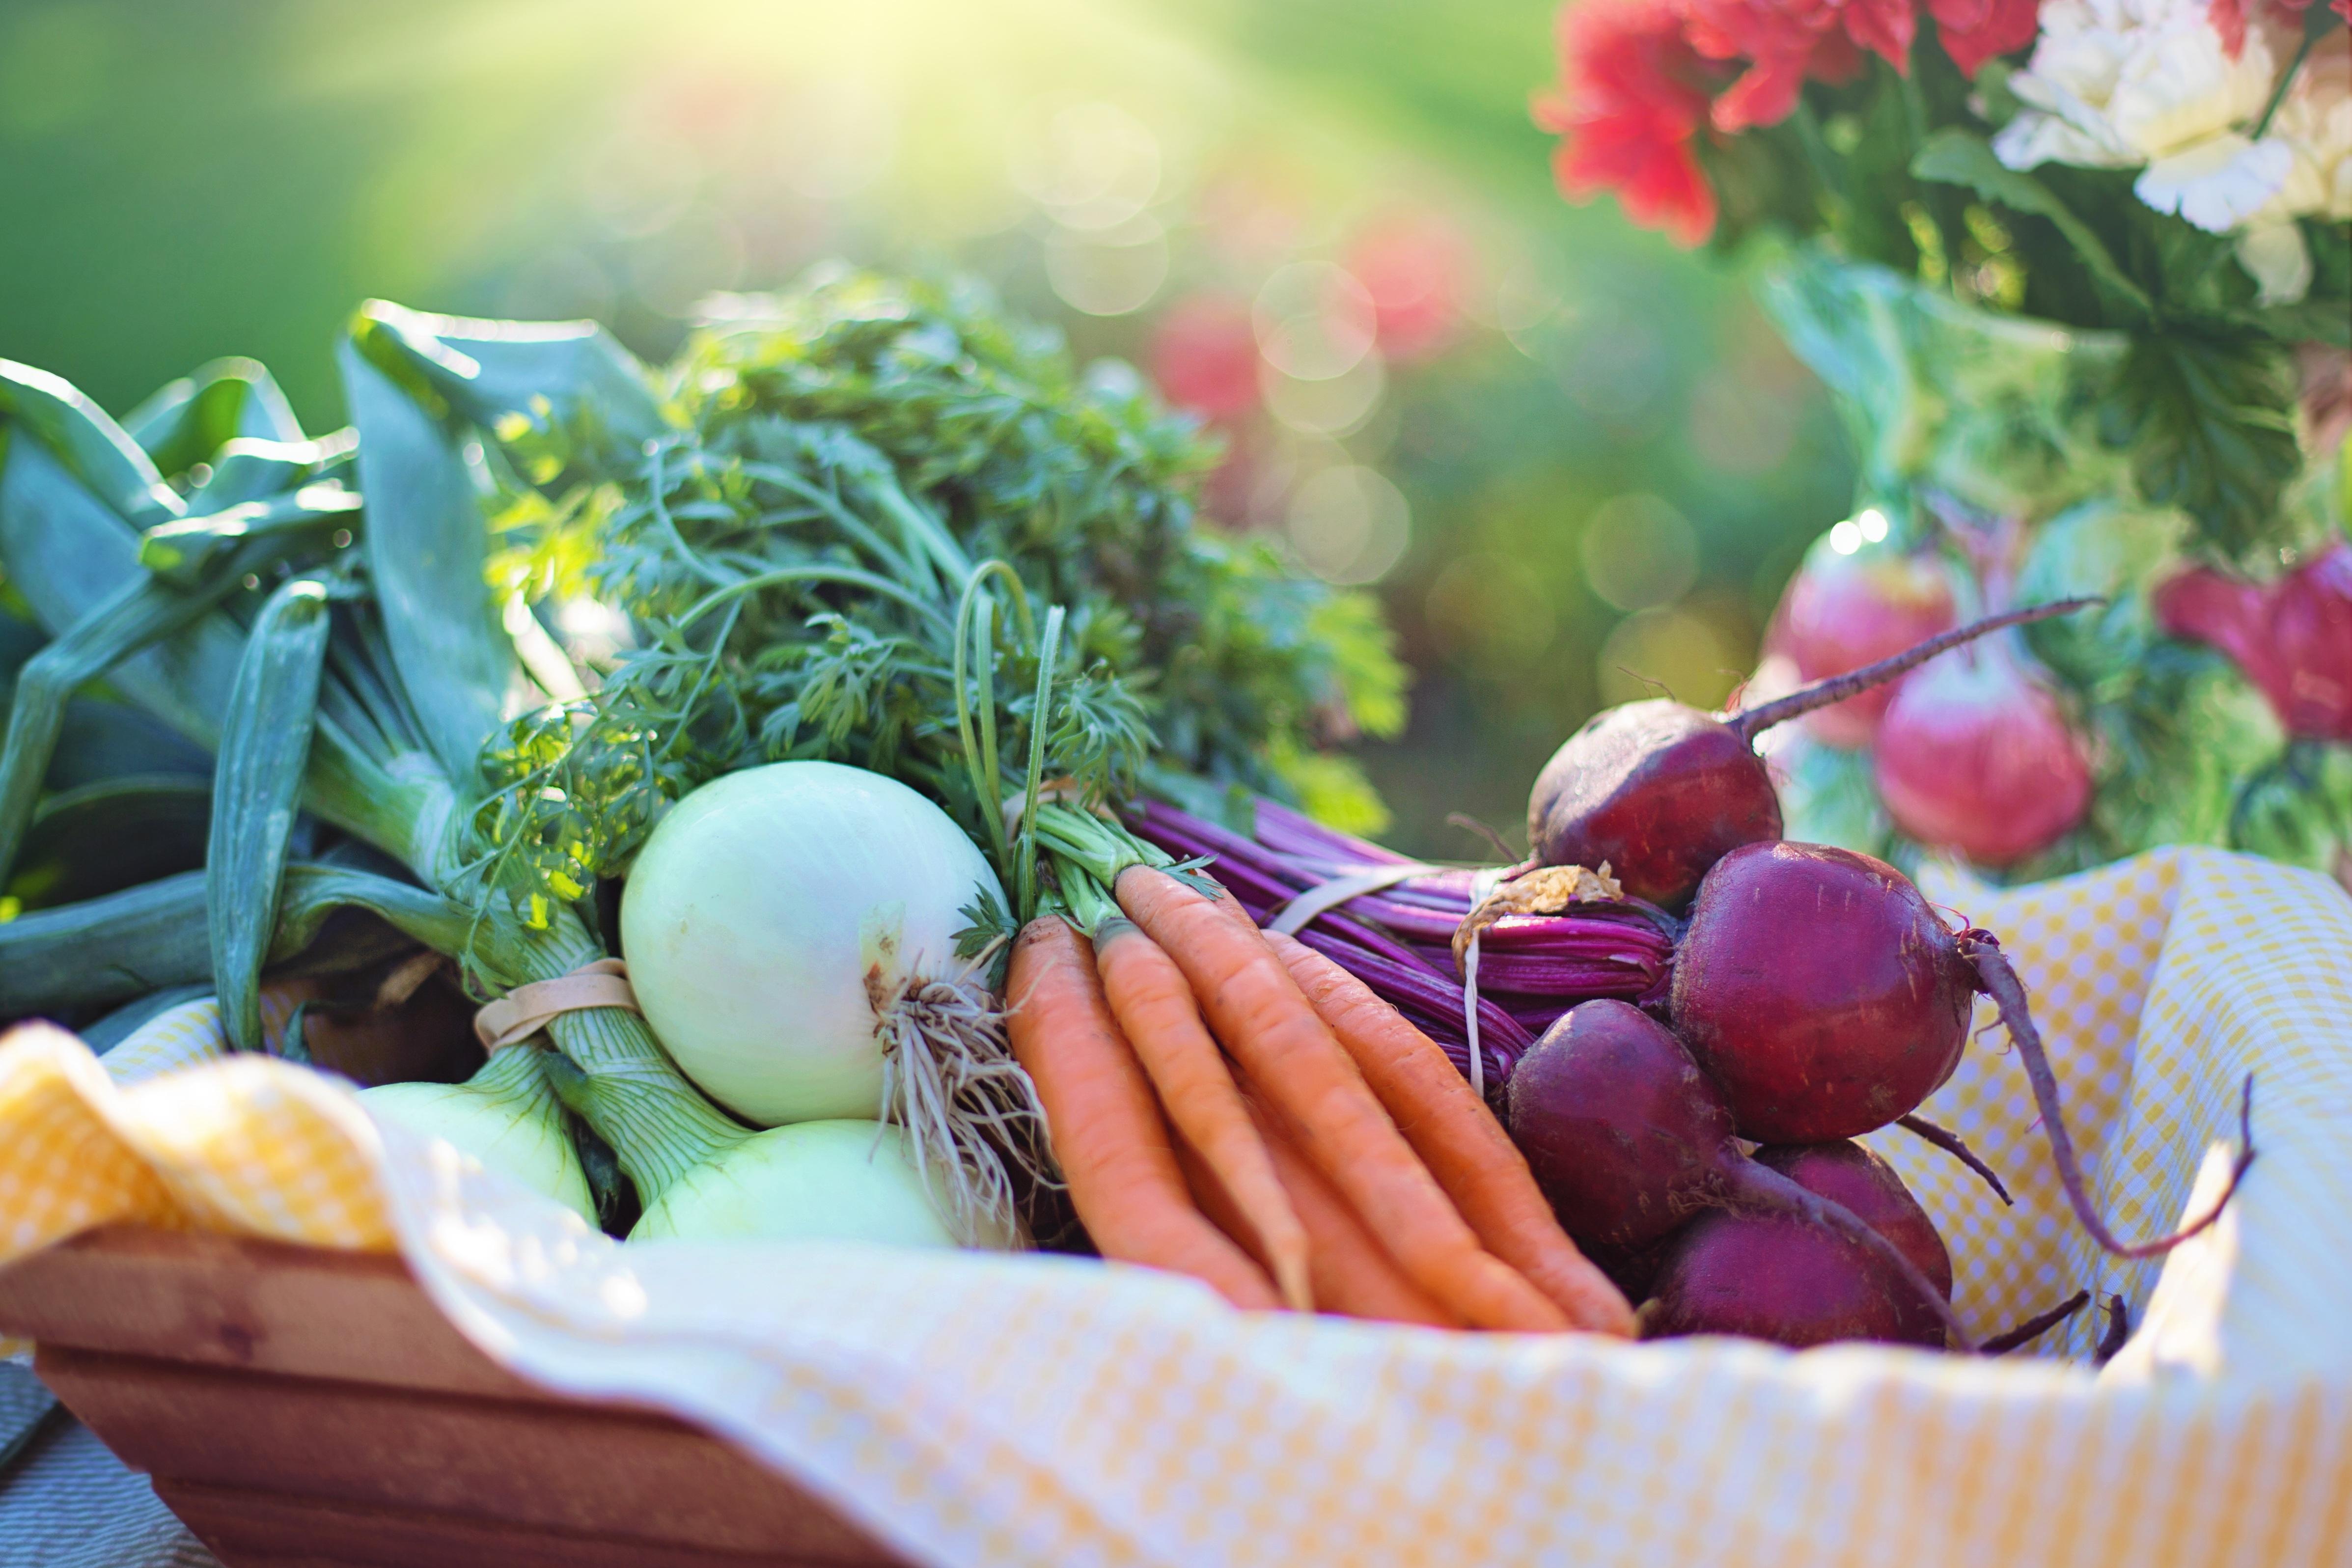 Makanan bagi Orang Tua: 4 Hal yang perlu diperhatikan